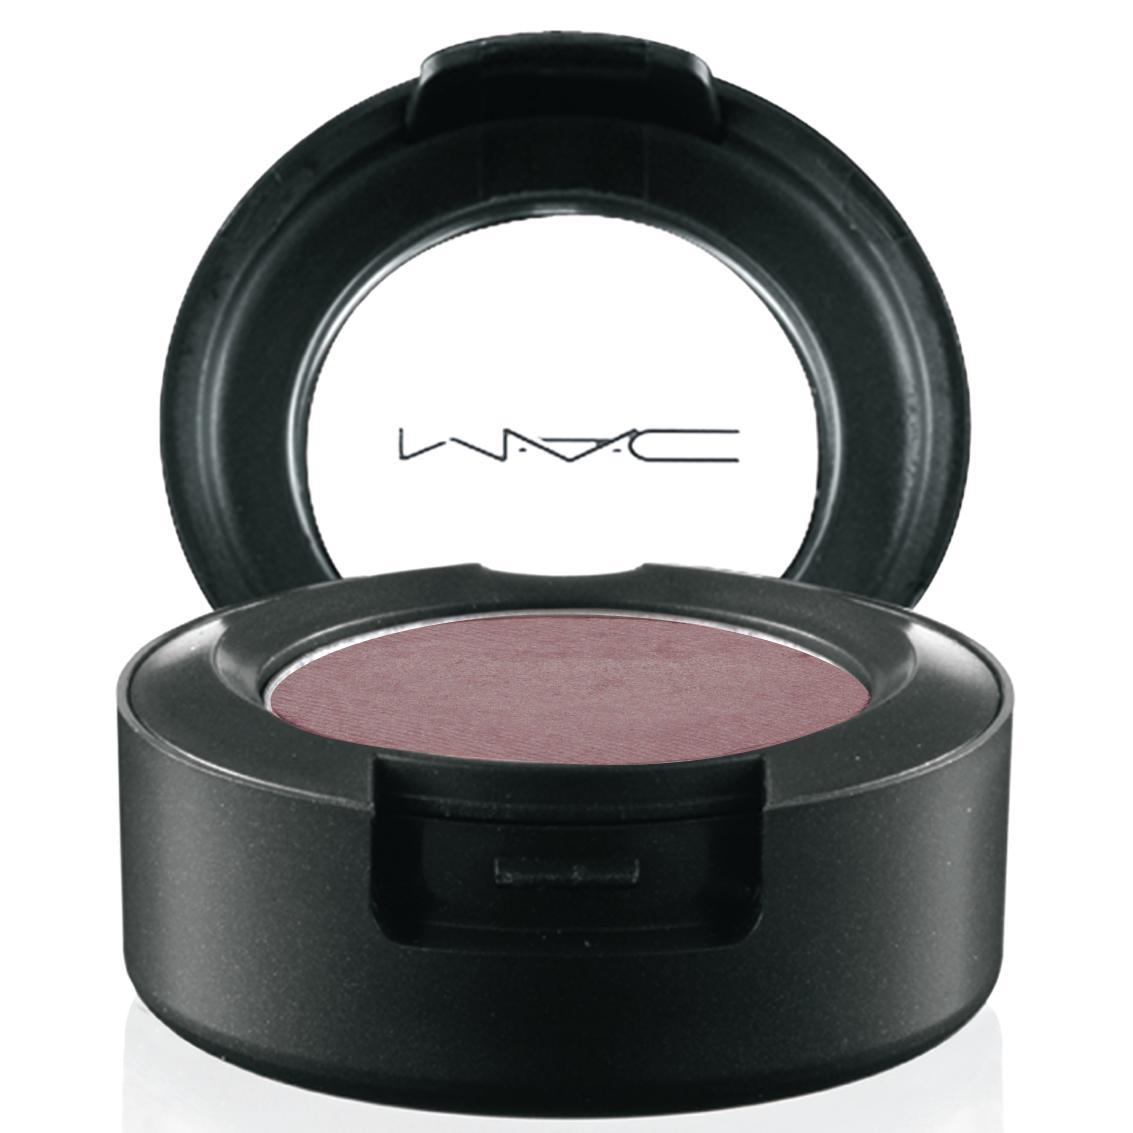 MAC Eyeshadow Petalescent